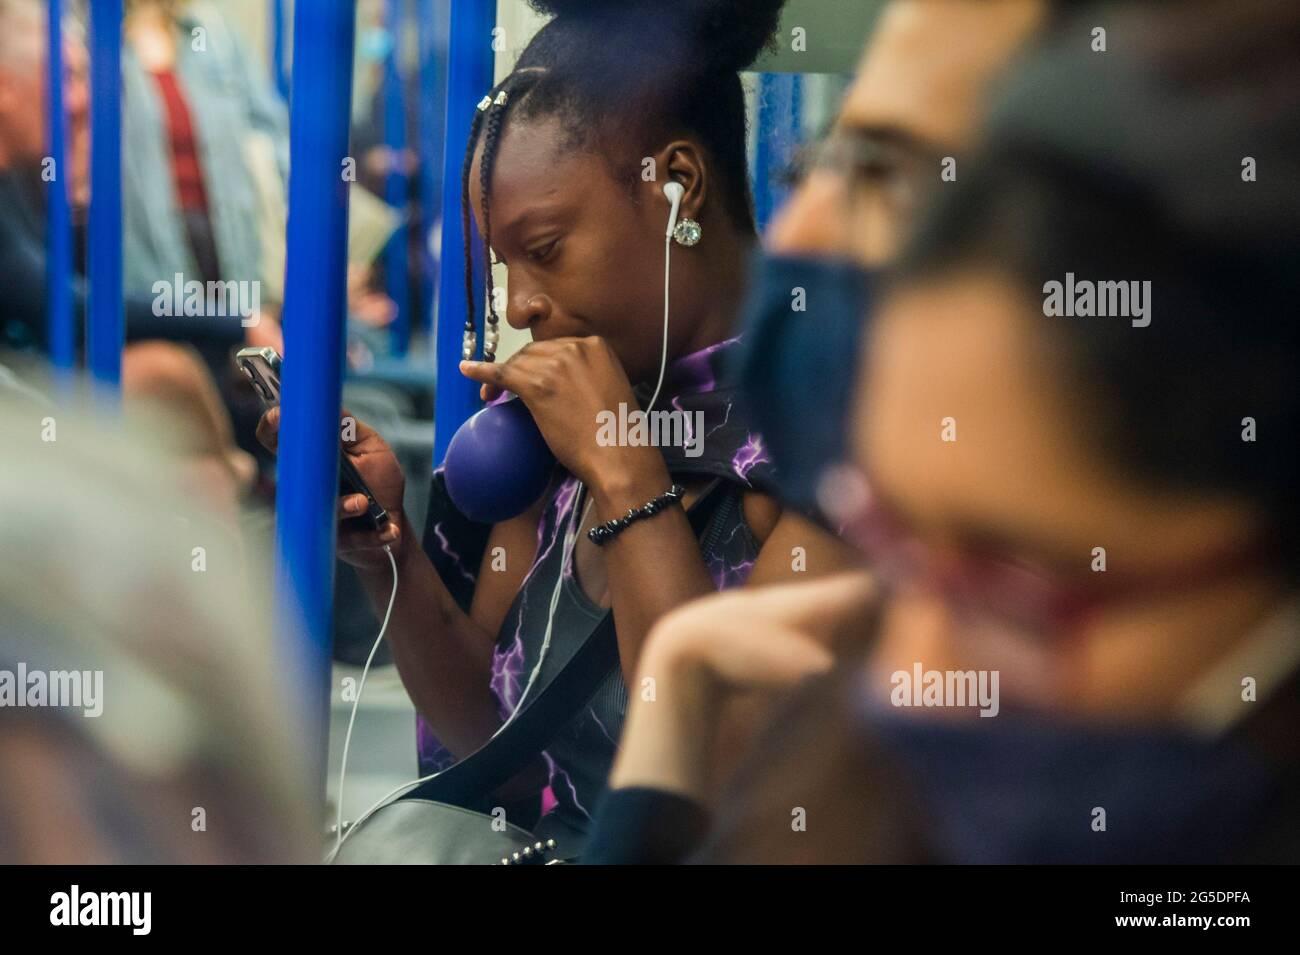 Londres, Reino Unido. 26th de junio de 2021. Una mujer negra desenmascarada se filma y chupa un balón (presumiblemente lleno de óxido nitroso) - el metro está ocupado y muchas personas no usan máscaras ya que nos acercamos al final de las restricciones del coronavirus. Crédito: Guy Bell/Alamy Live News Foto de stock